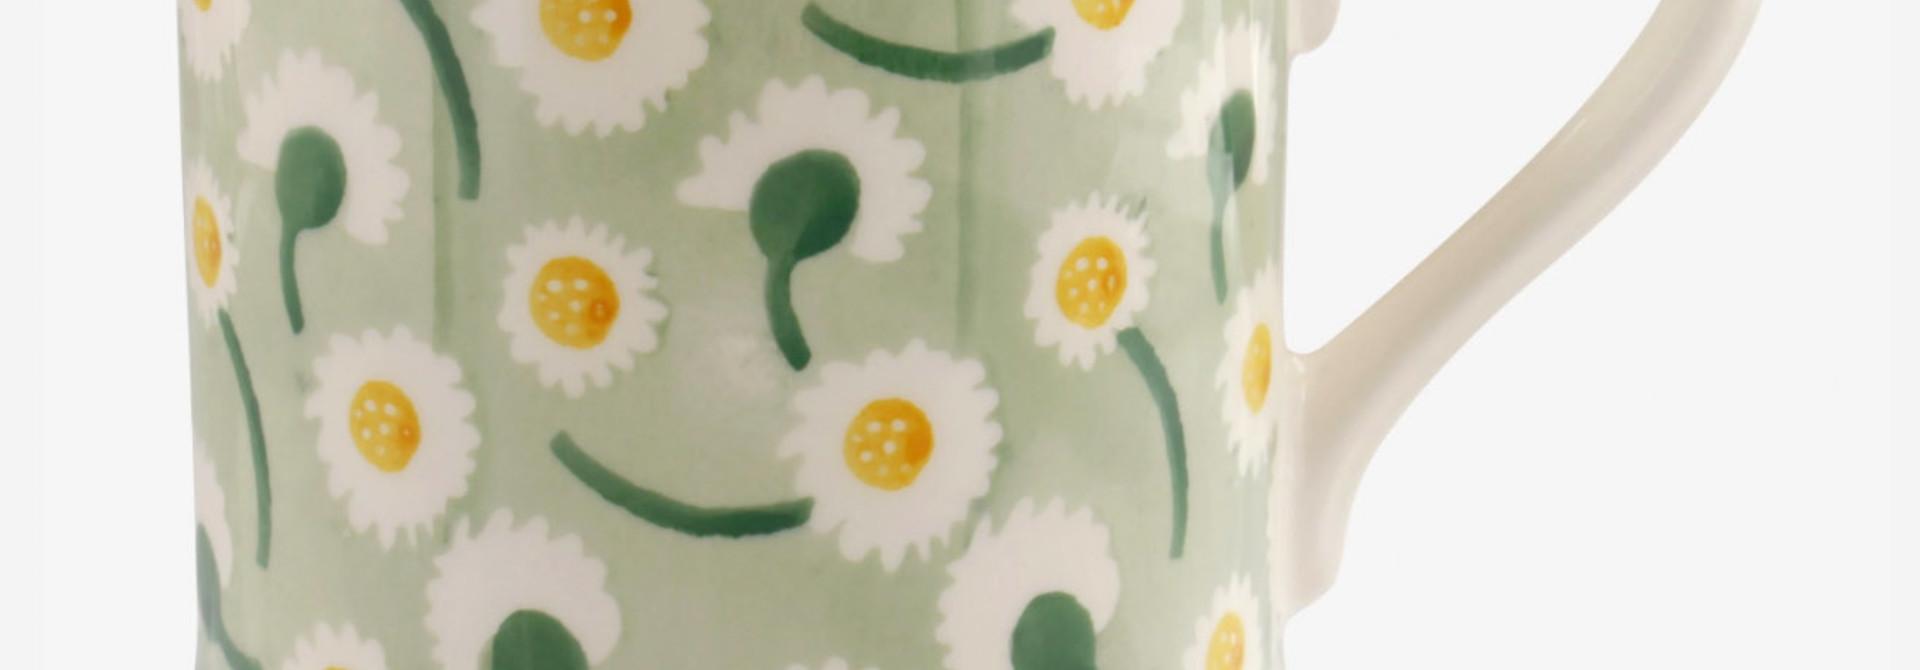 Daisy Light Green - 1/2 Pint Mug